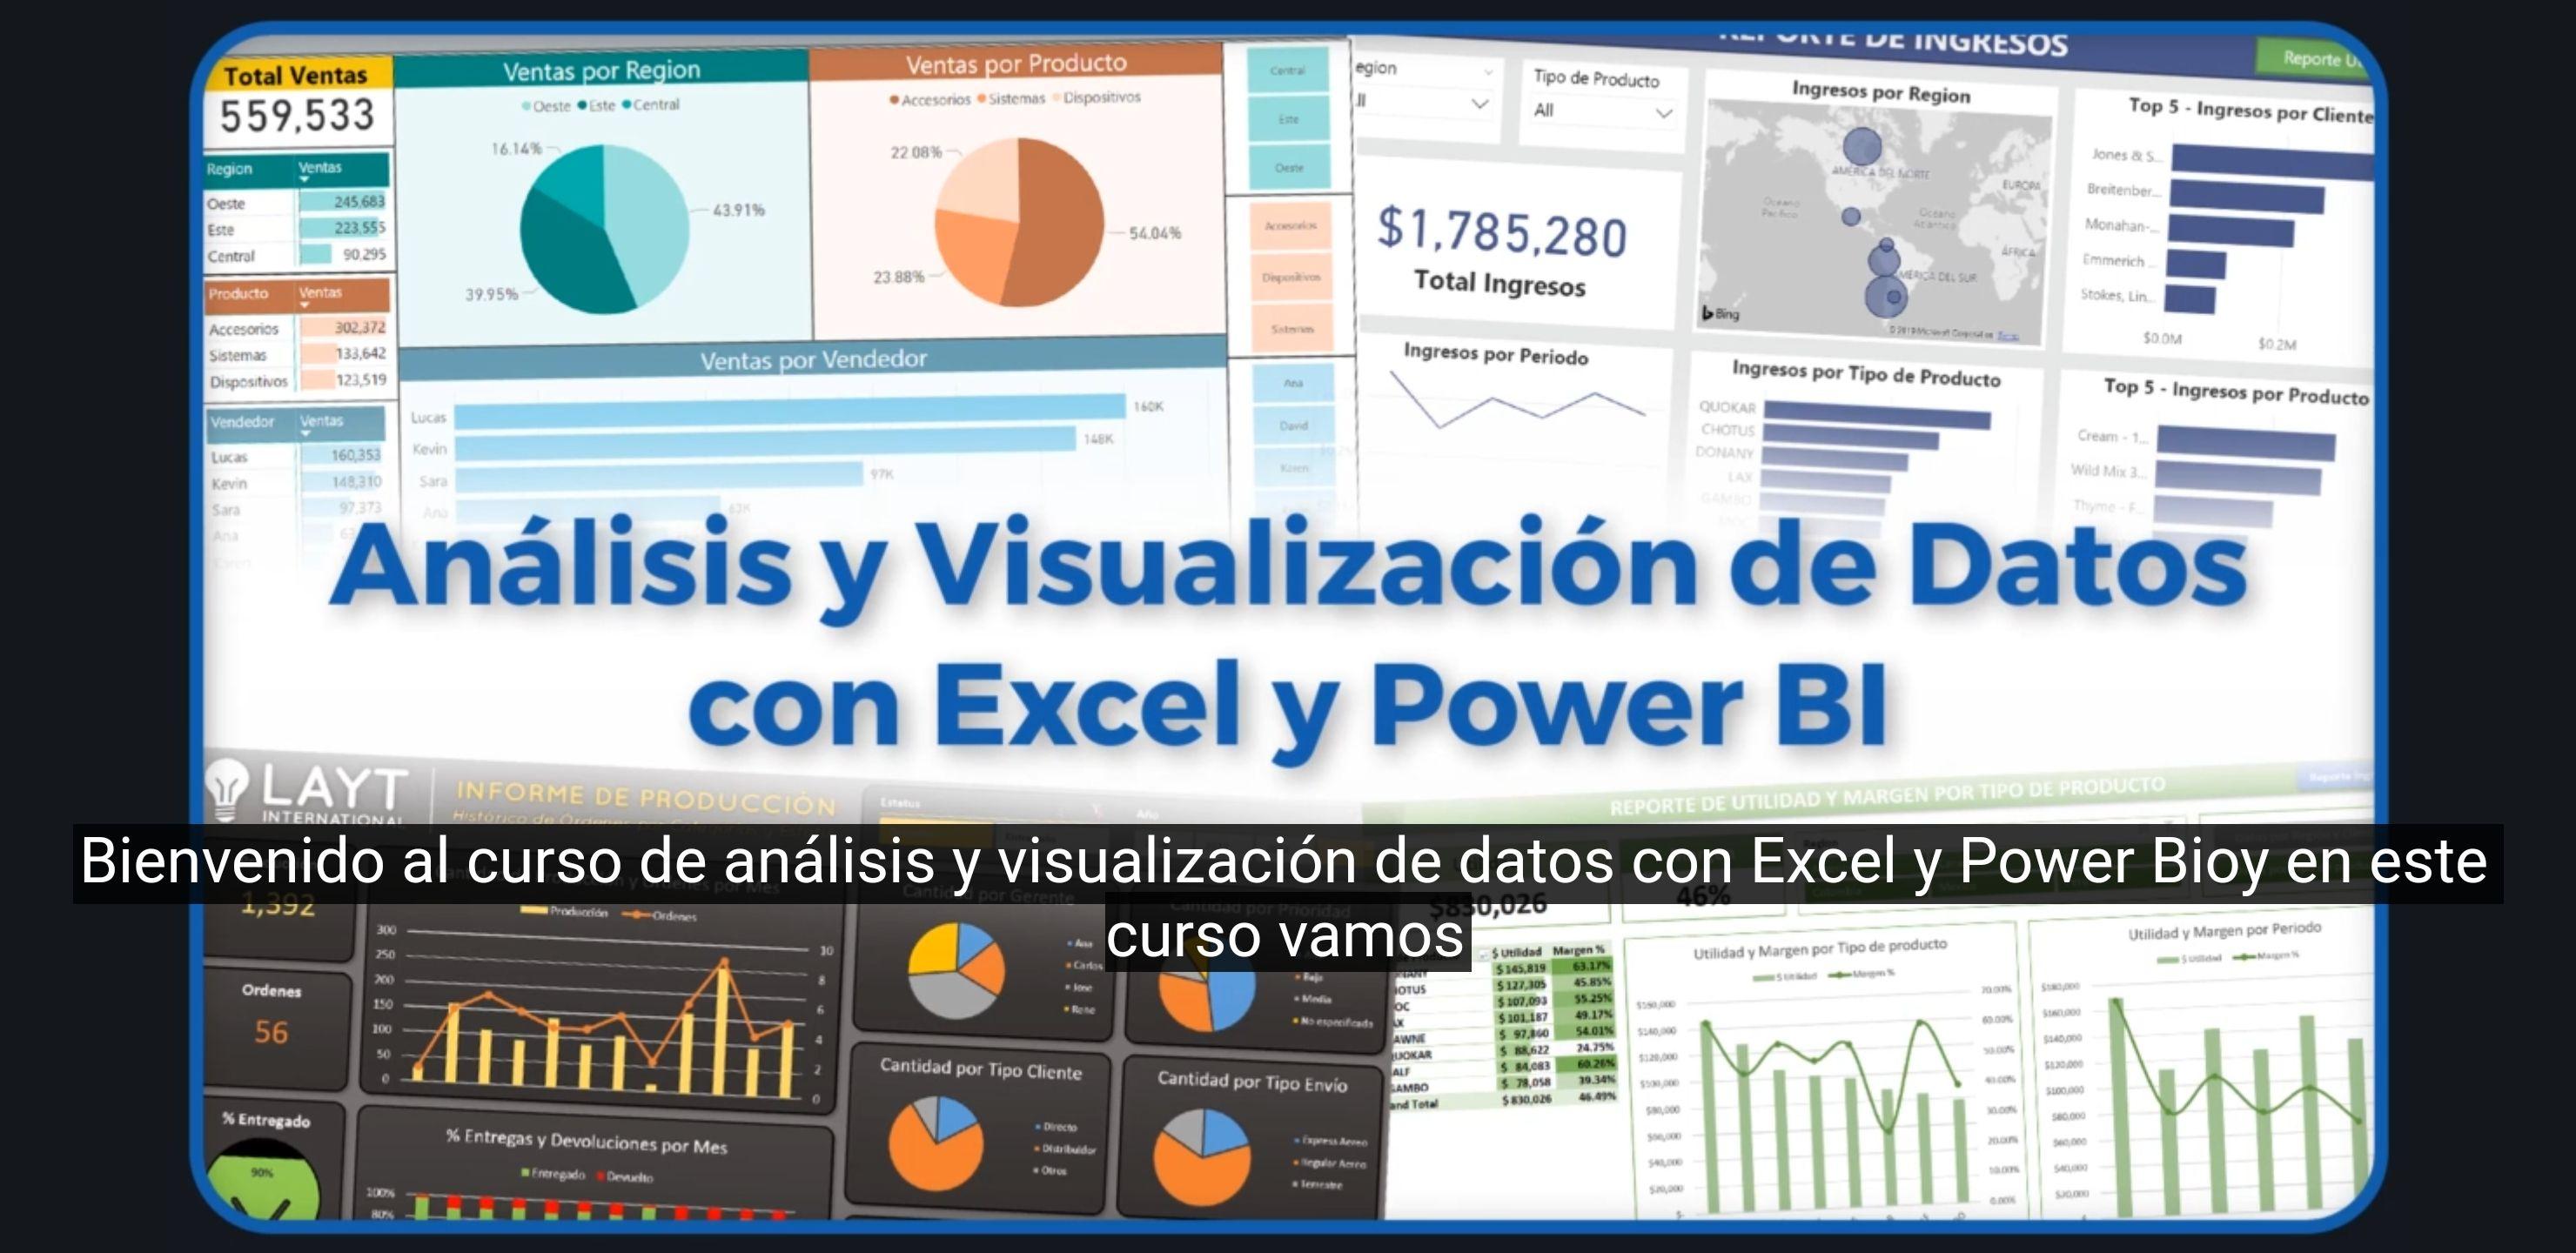 Curso de análisis y visualización de datos con Excel y Power Bi